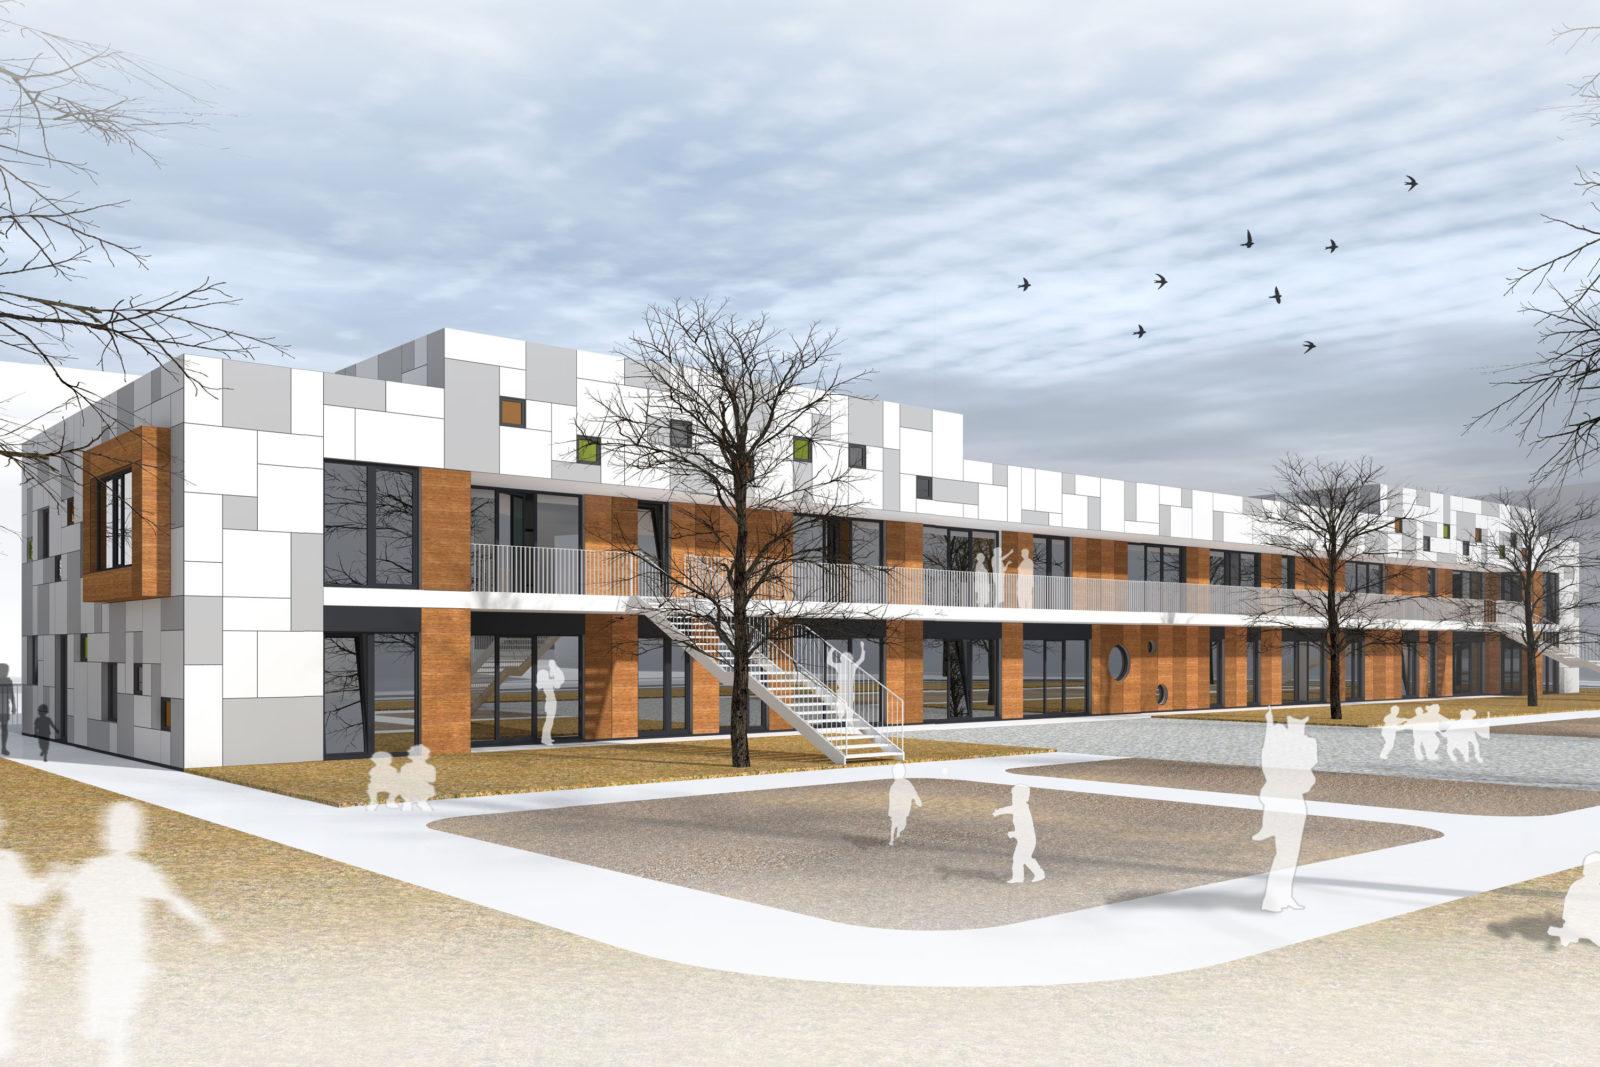 Neubau Kita und Förderschule an der alten Messe, Leipzig - Baukörper ohne Aufstockung mit Blick auf die Freispielfläche